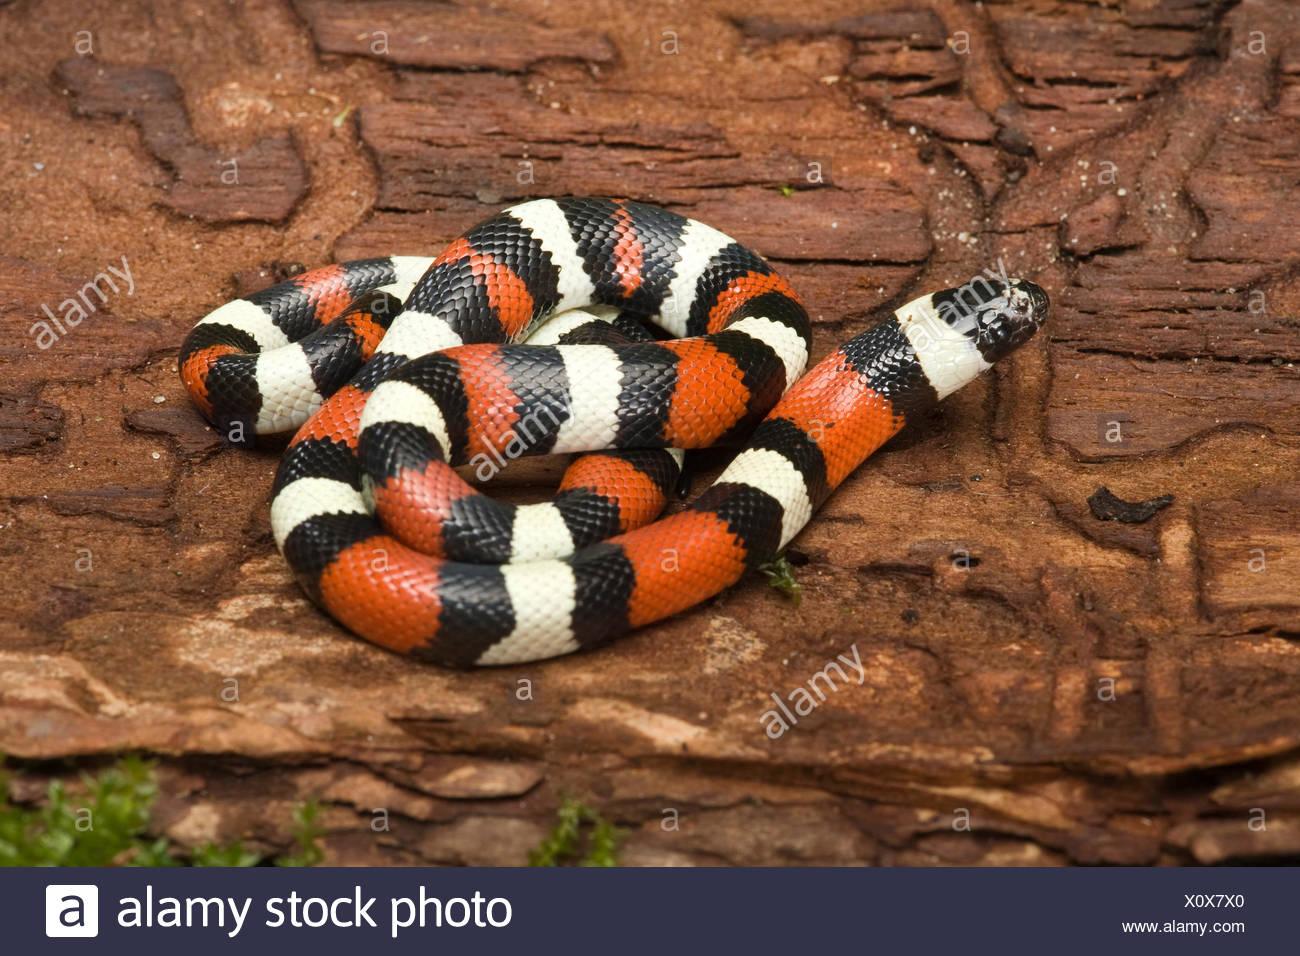 Pueblan Milk Snake (Lampropeltis triangulus campbelli), recostado sobre el tronco de un árbol Imagen De Stock